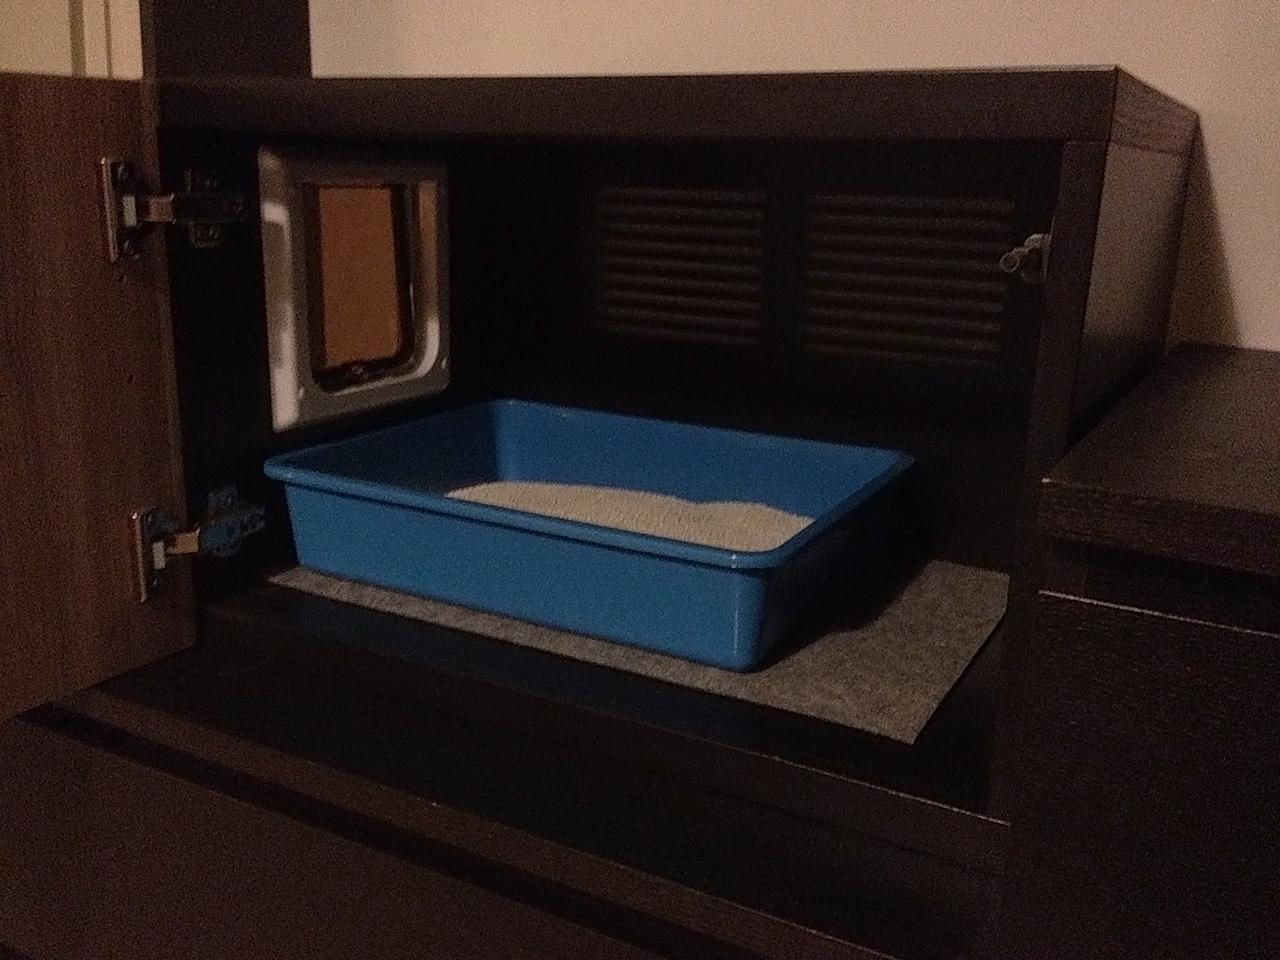 Mobile per nascondere la lettiera del gatto for Mobile nascondi lavatrice ikea